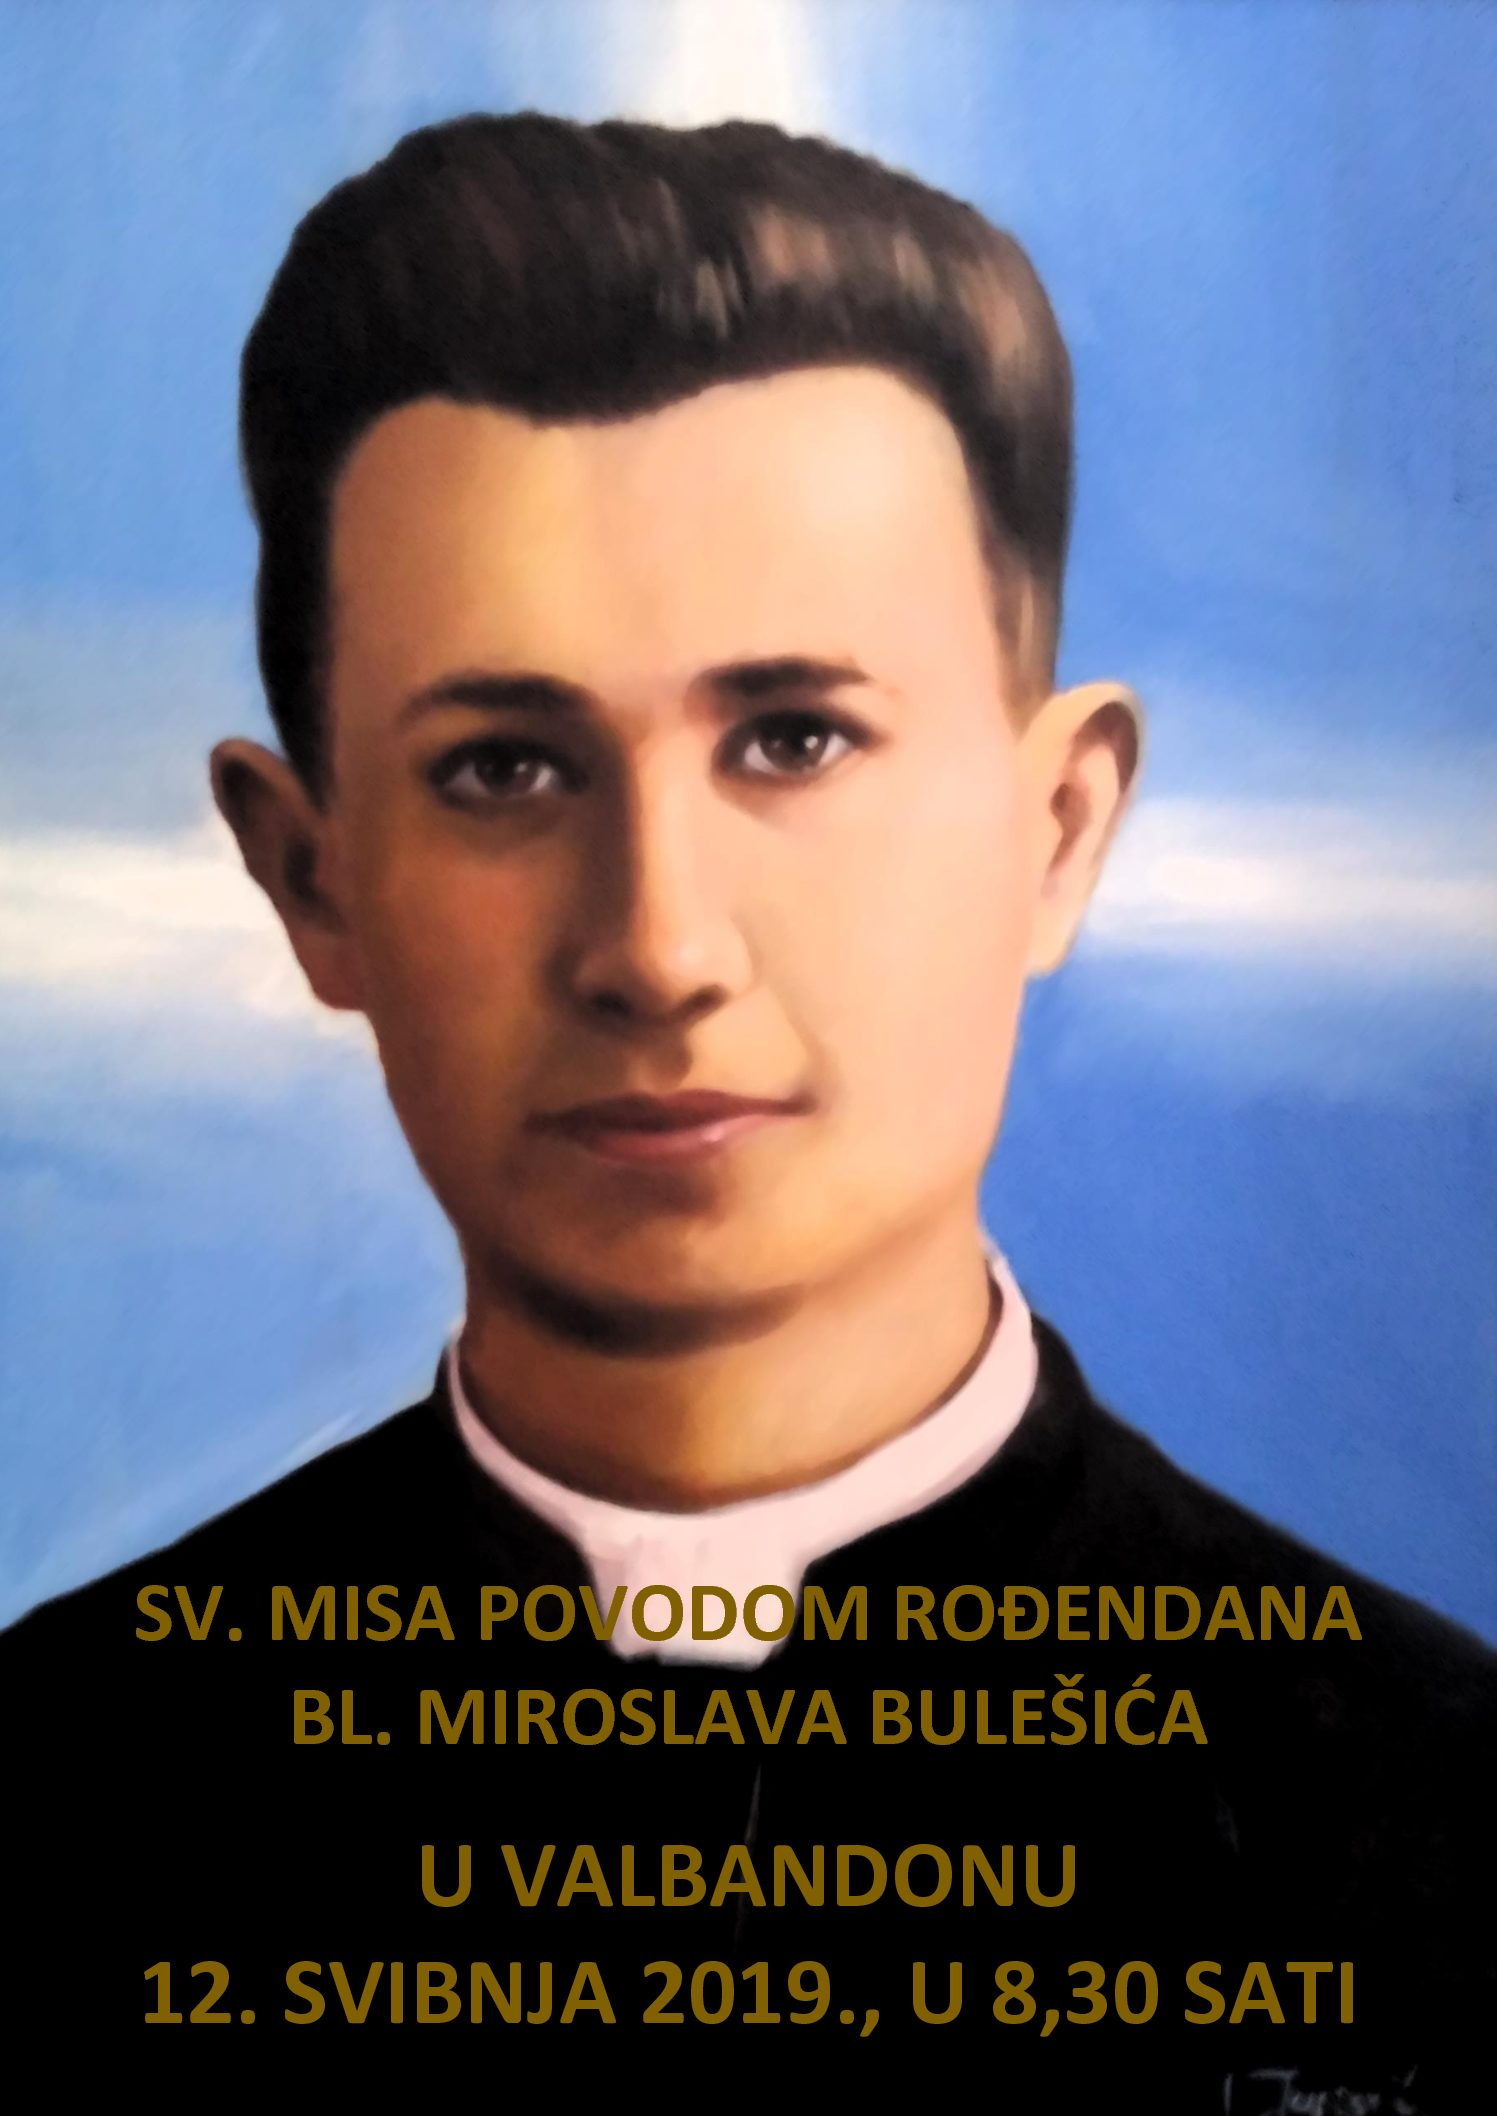 Proslava 99 rođendana bl. Miroslava Bulešića u Valbandonu kod Fažane